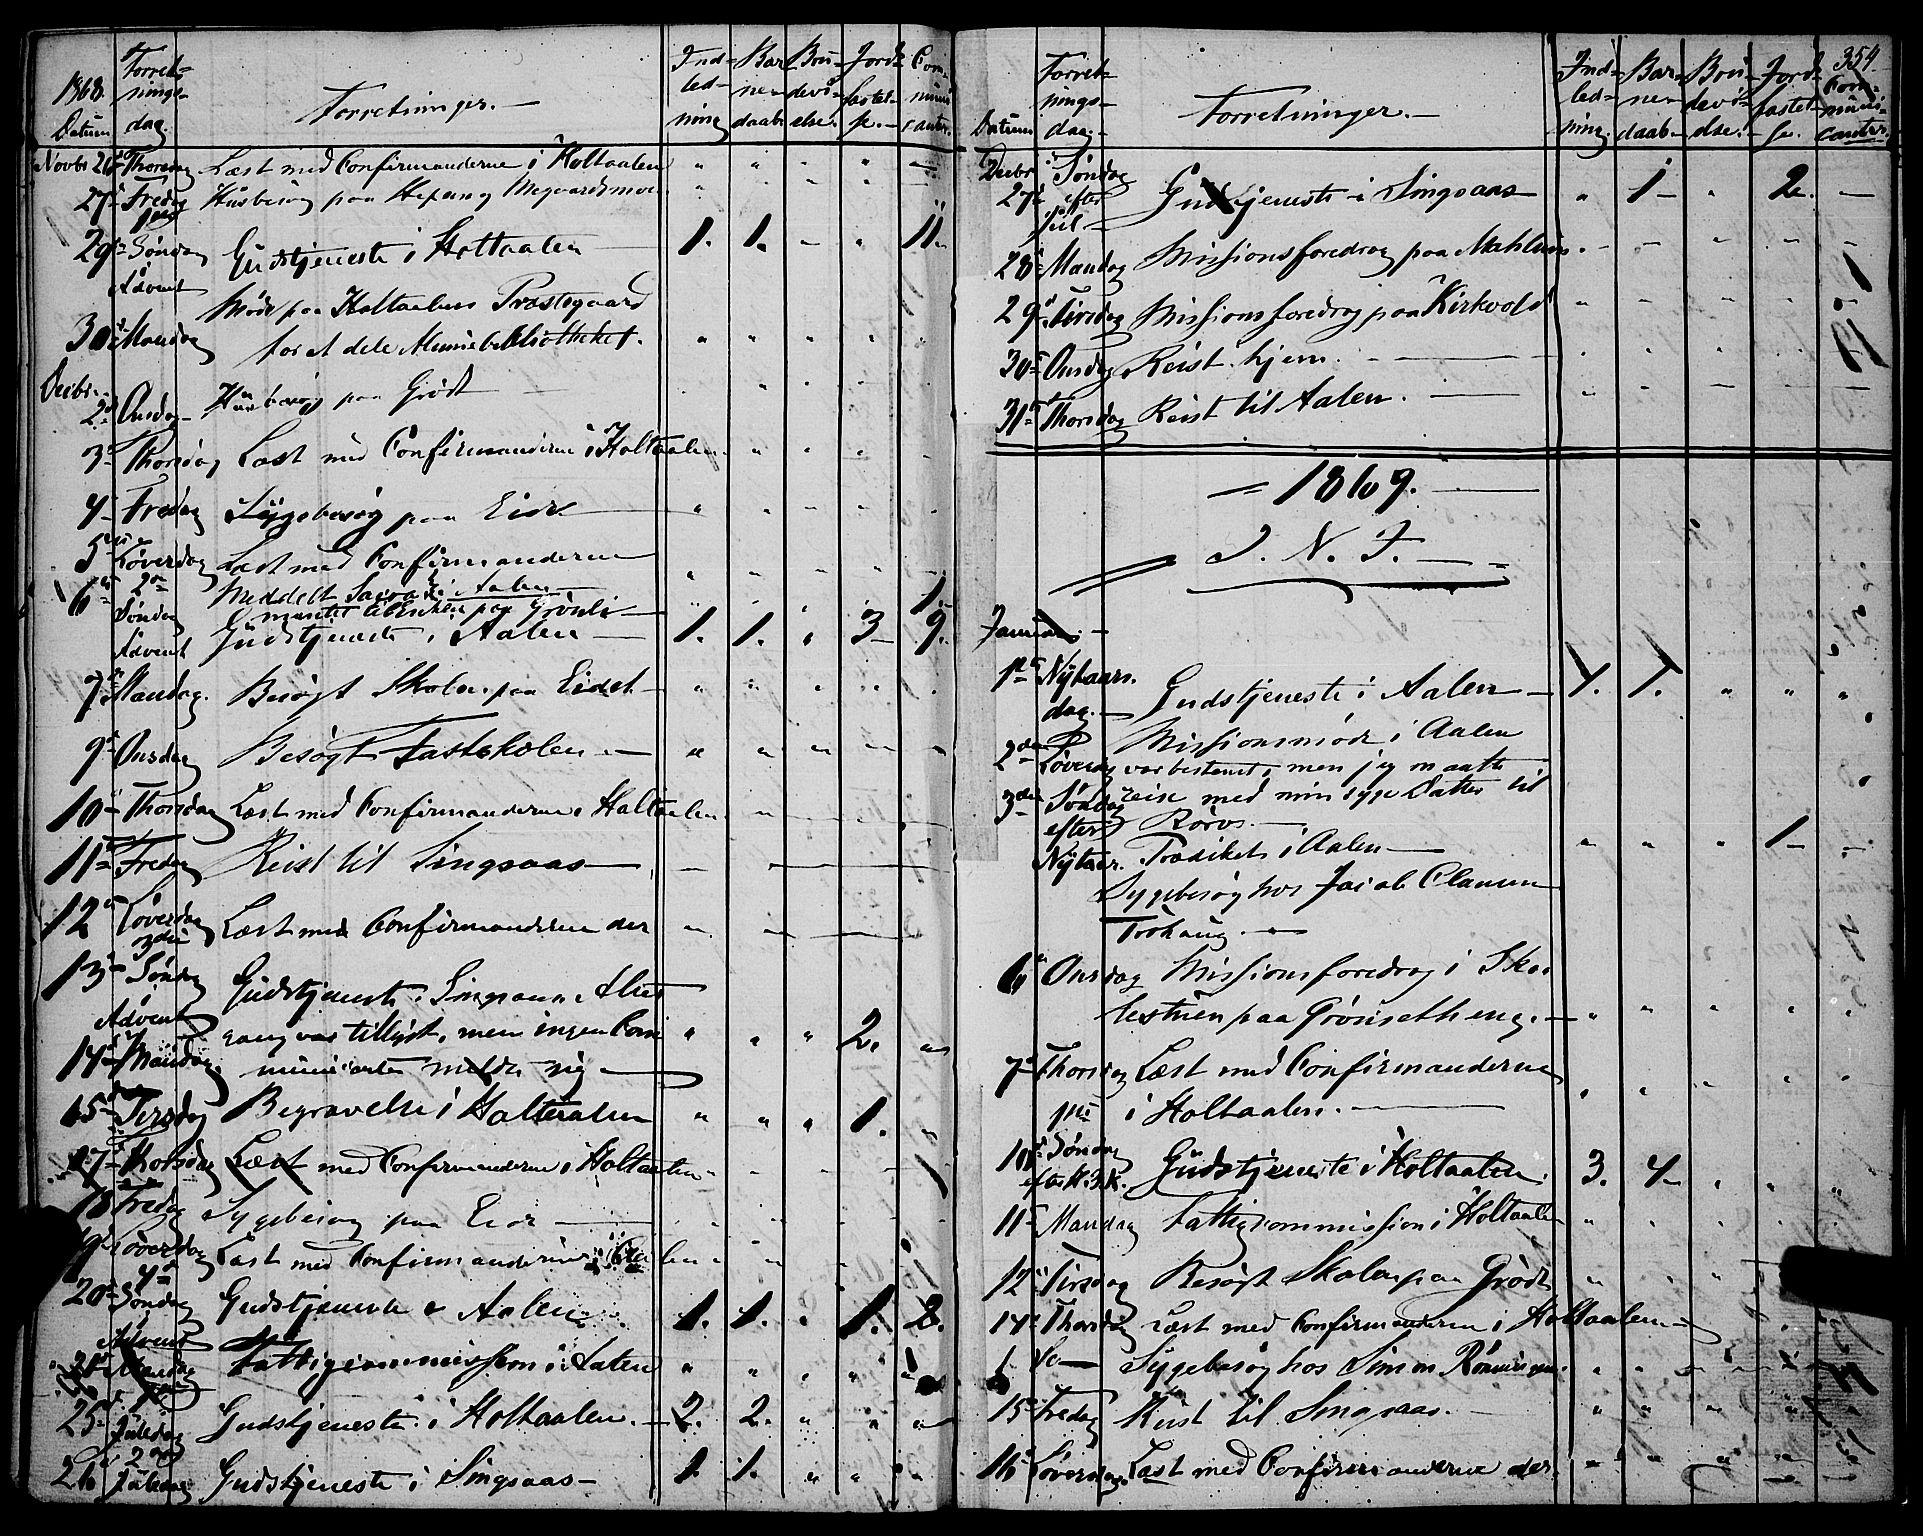 SAT, Ministerialprotokoller, klokkerbøker og fødselsregistre - Sør-Trøndelag, 685/L0966: Ministerialbok nr. 685A07 /1, 1860-1869, s. 354